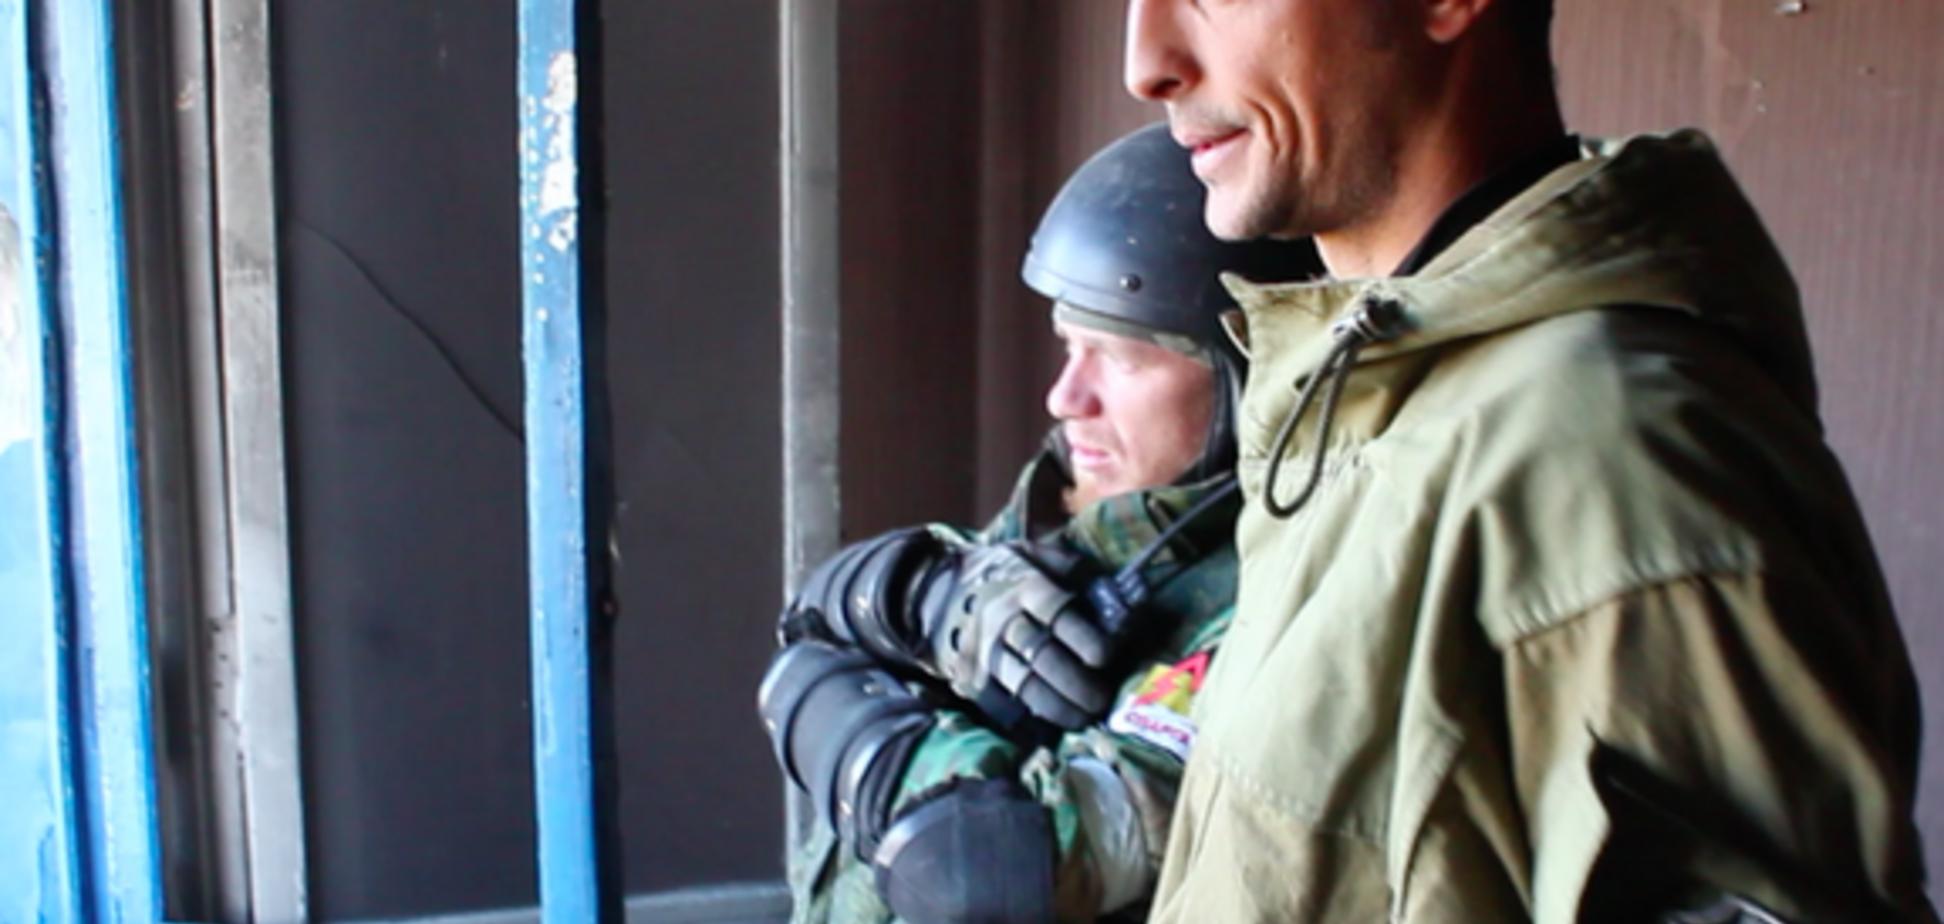 Боевики 'Гиви' единственные, кто нарушают 'перемирие' в районе Донецка – украинский генерал